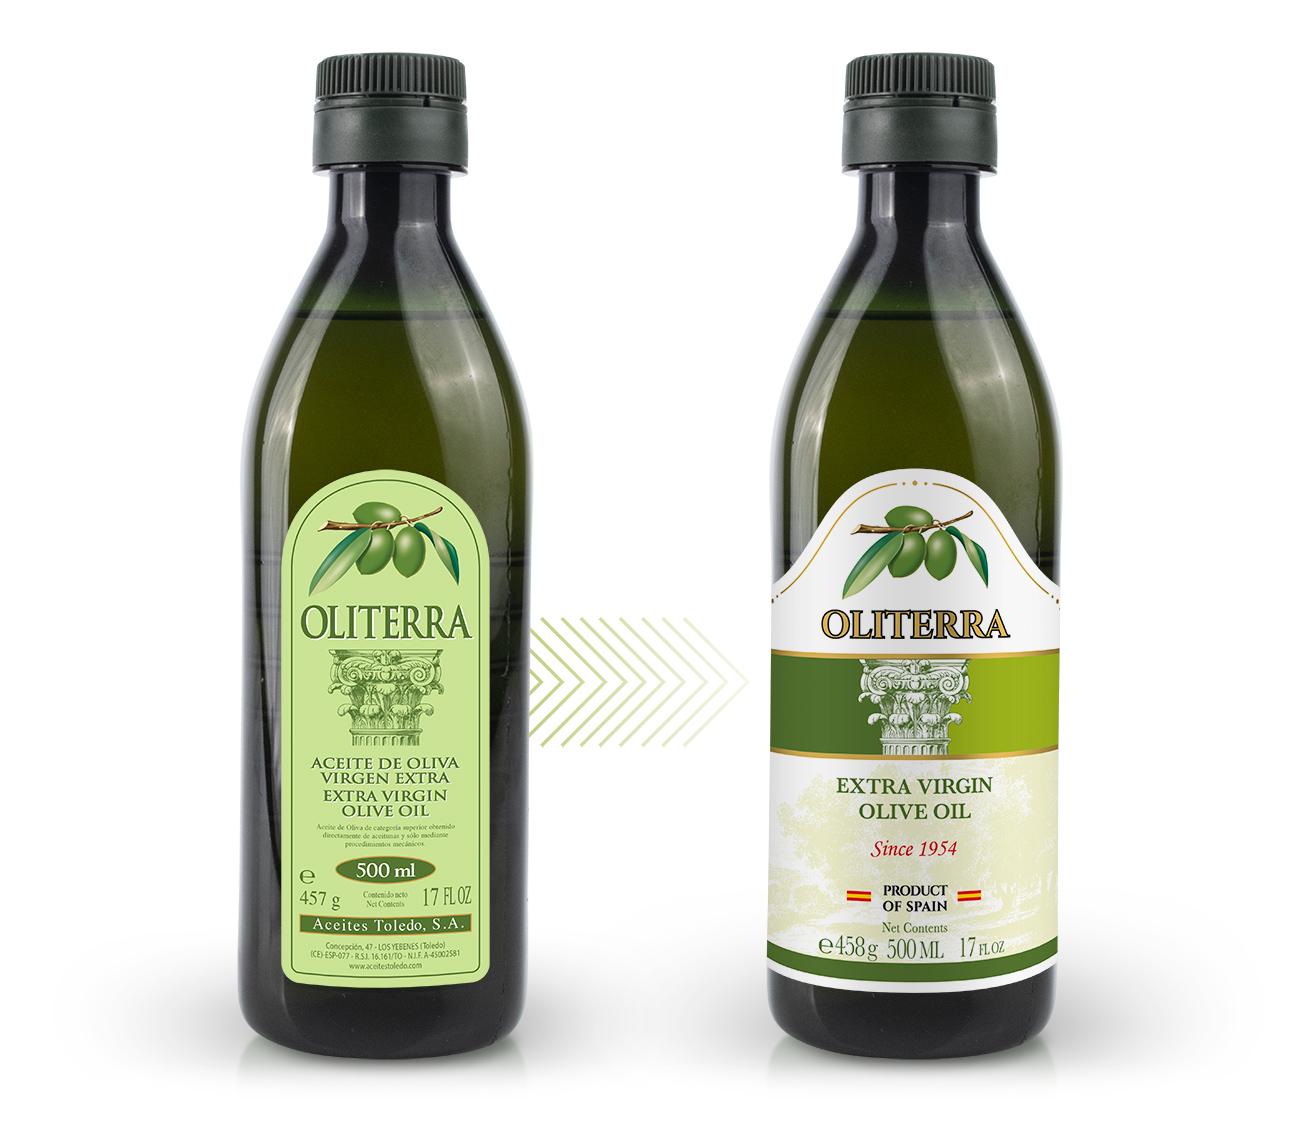 Oliterra, marca líder de Aceites. Restyling de diseño de brand y packaging de aceite